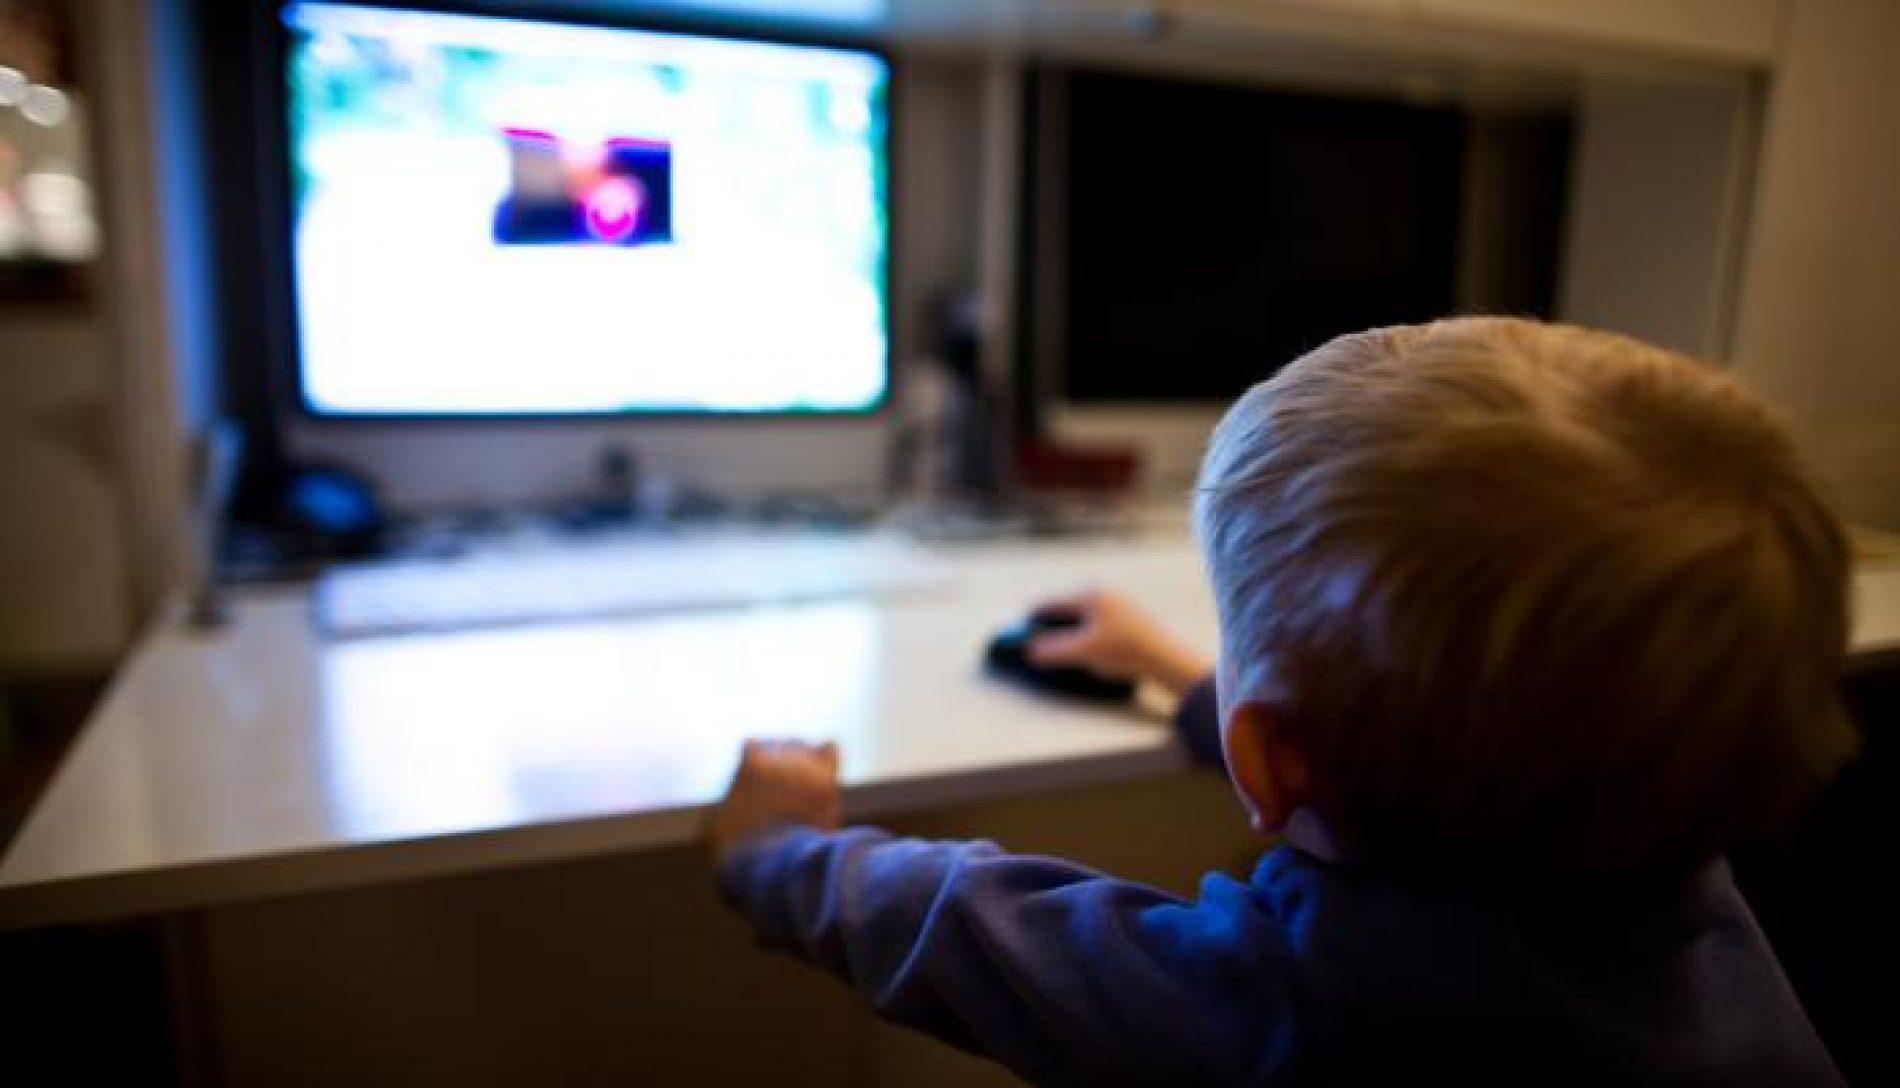 Proteggi i bambini dai siti pericolosi utilizzando un filtro DNS